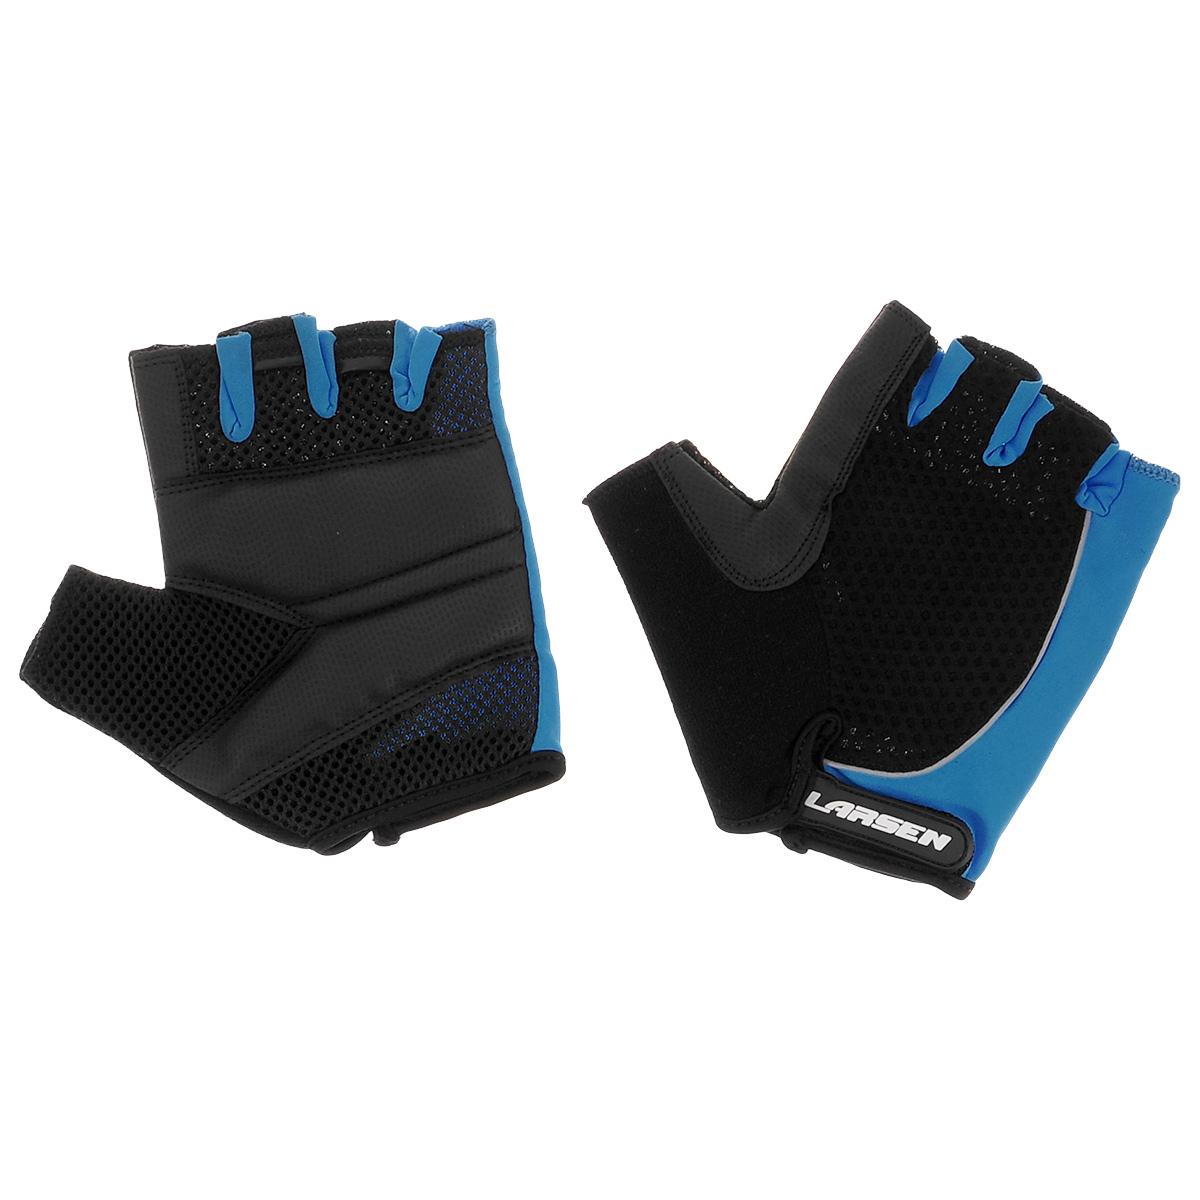 Велоперчатки Larsen, цвет: черный, синий. Размер LZ90 blackВелоперчатки Larsen выполнены из высококачественного нейлона и амары. Ладони оснащены накладкой из полиуретана для повышенного сцепления и системой Pull Off на пальцах. Застежка Velcro надежно фиксирует перчатки на руке. Сетка способствует хорошей вентиляции.